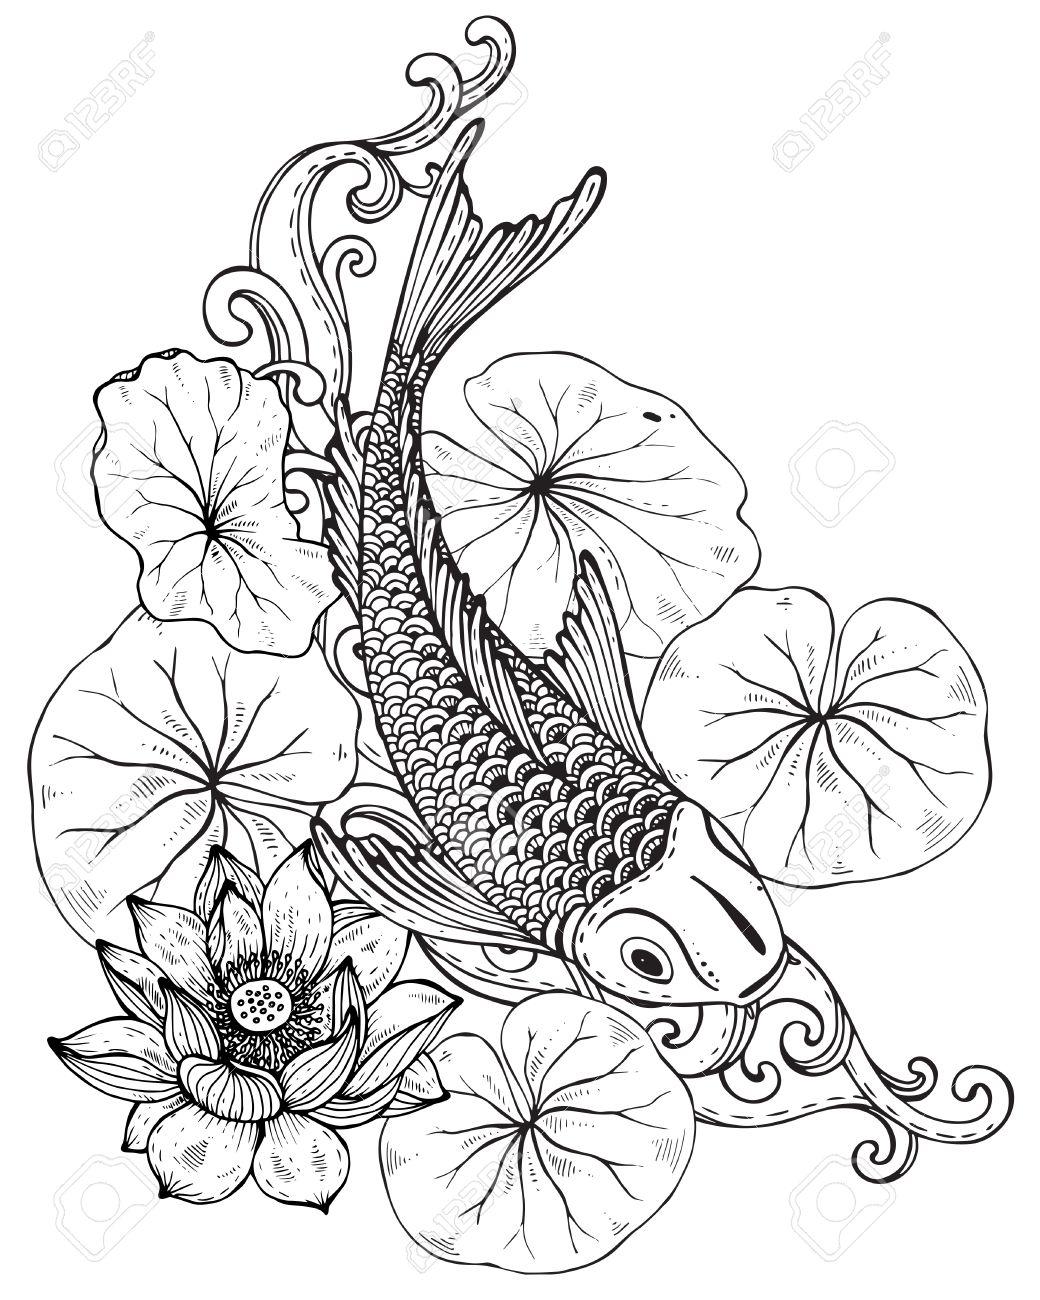 Main Vecteur Illustration Tiree De Poissons Koi Carpe Japonaise